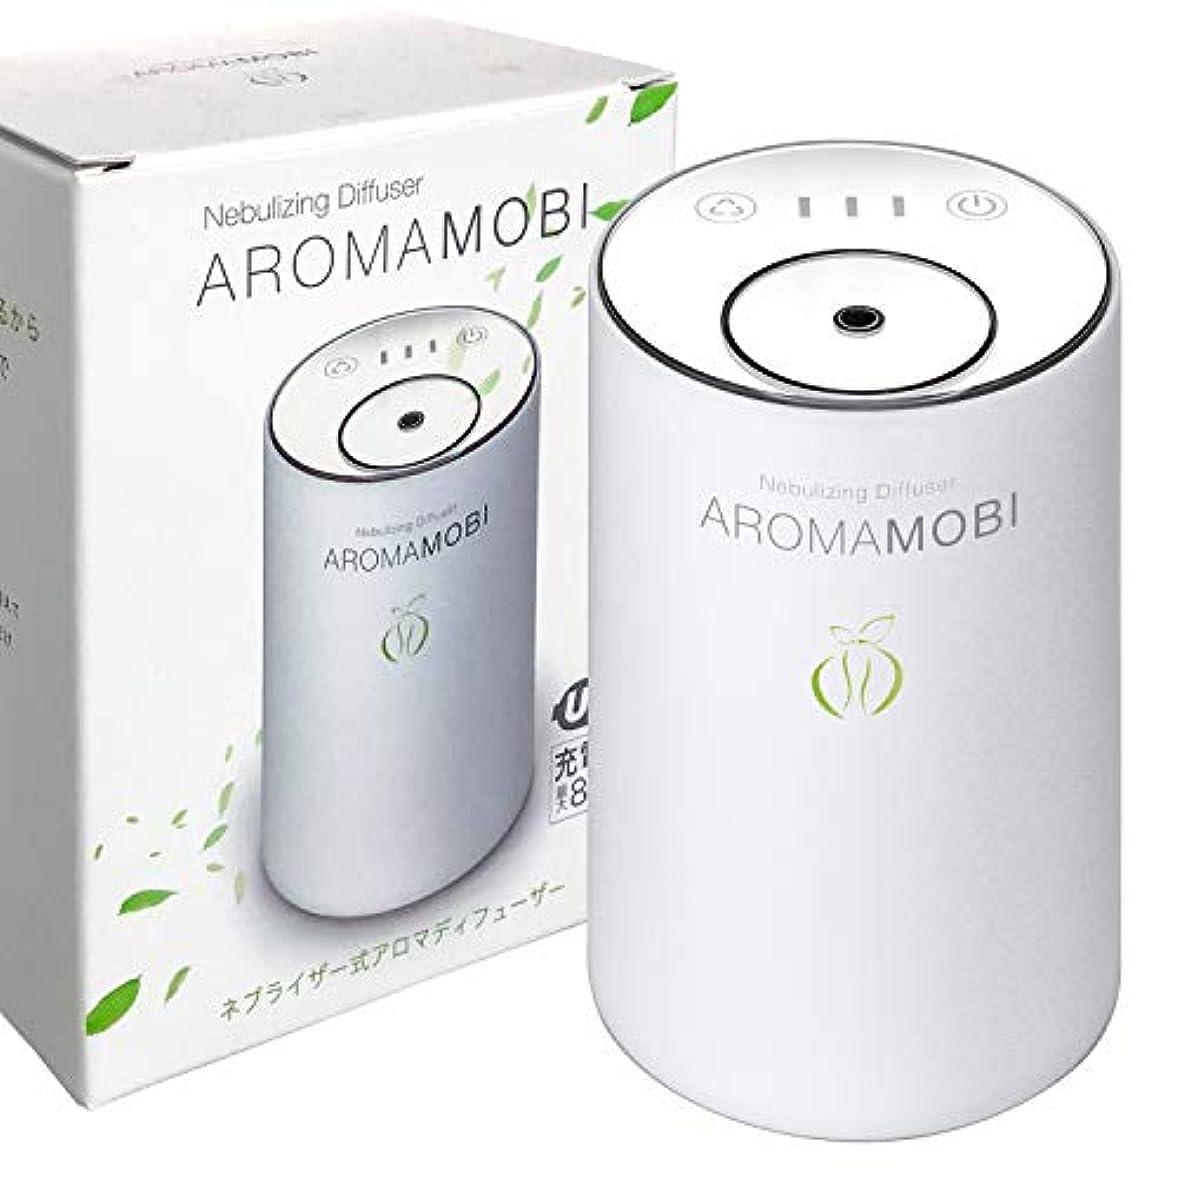 破壊する主観的ブーストfunks AROMA MOBI 充電式 アロマディフューザー ネブライザー式 ホワイト